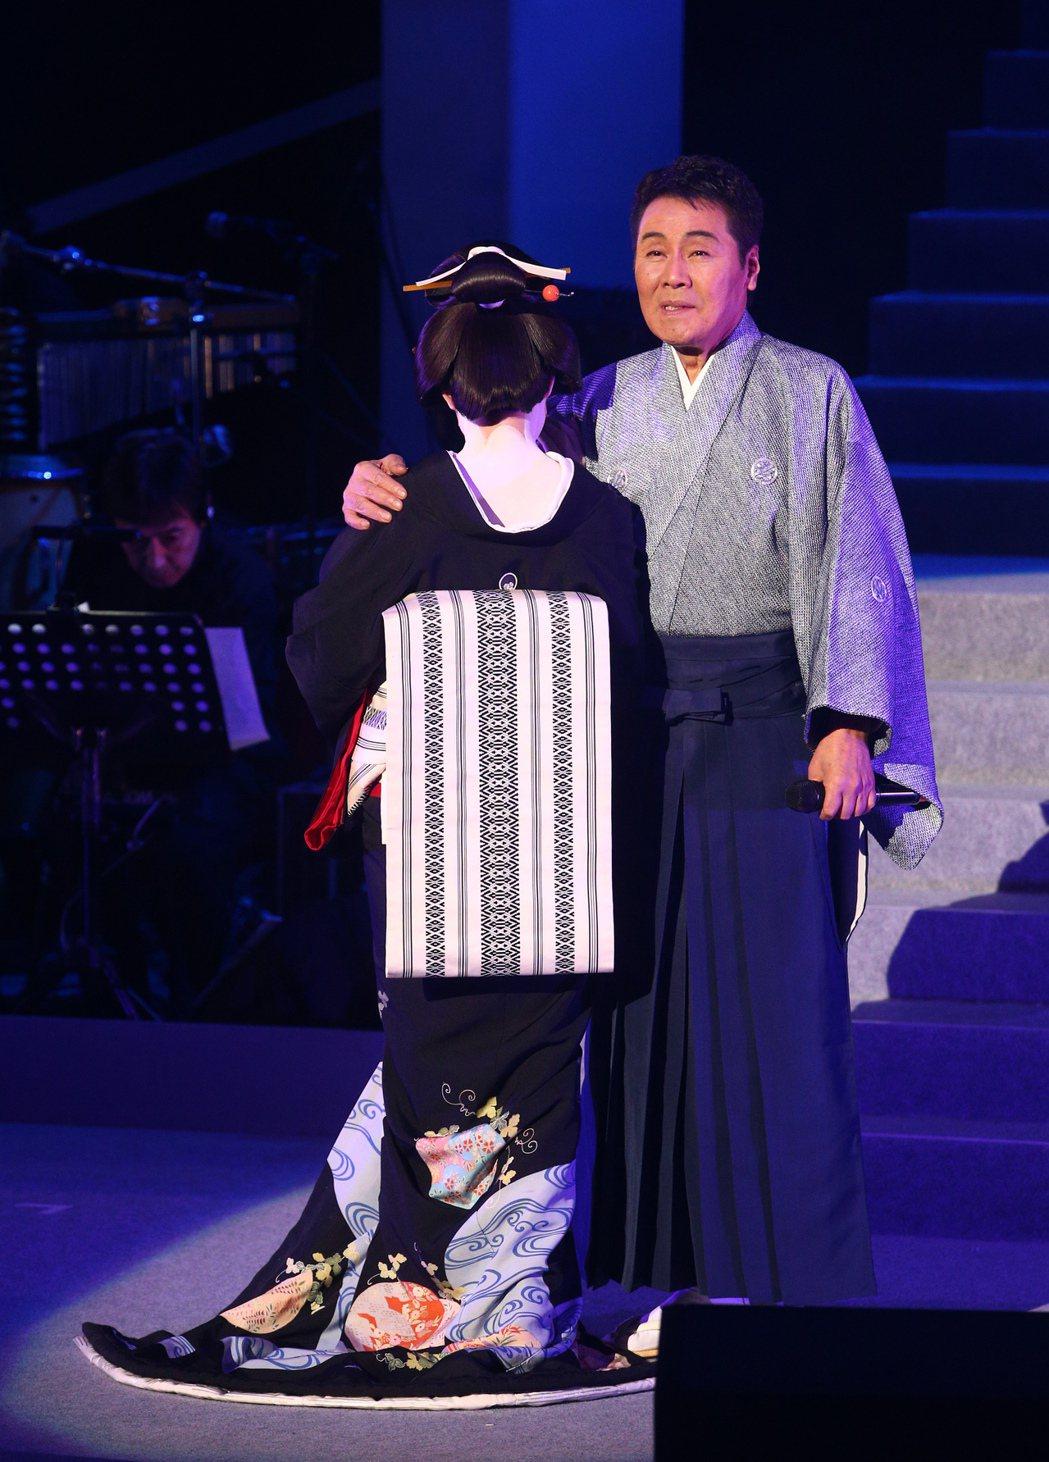 68歲日本演歌天王五木寬在台北國際會議中心舉行演唱會,睽違兩年來台開唱,五木寬苦